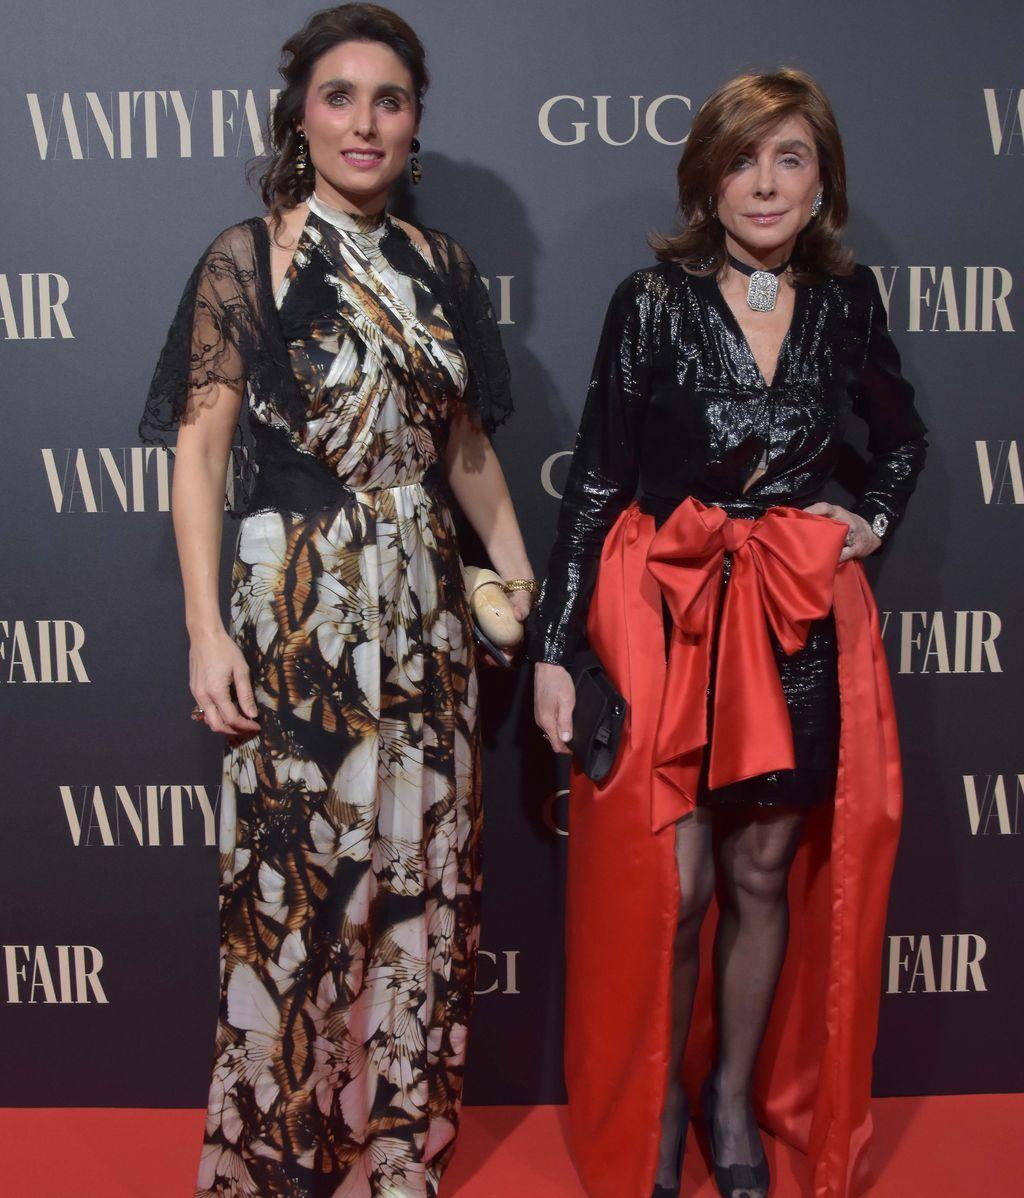 Paloma Segrelles y su hija Paloma Vanity